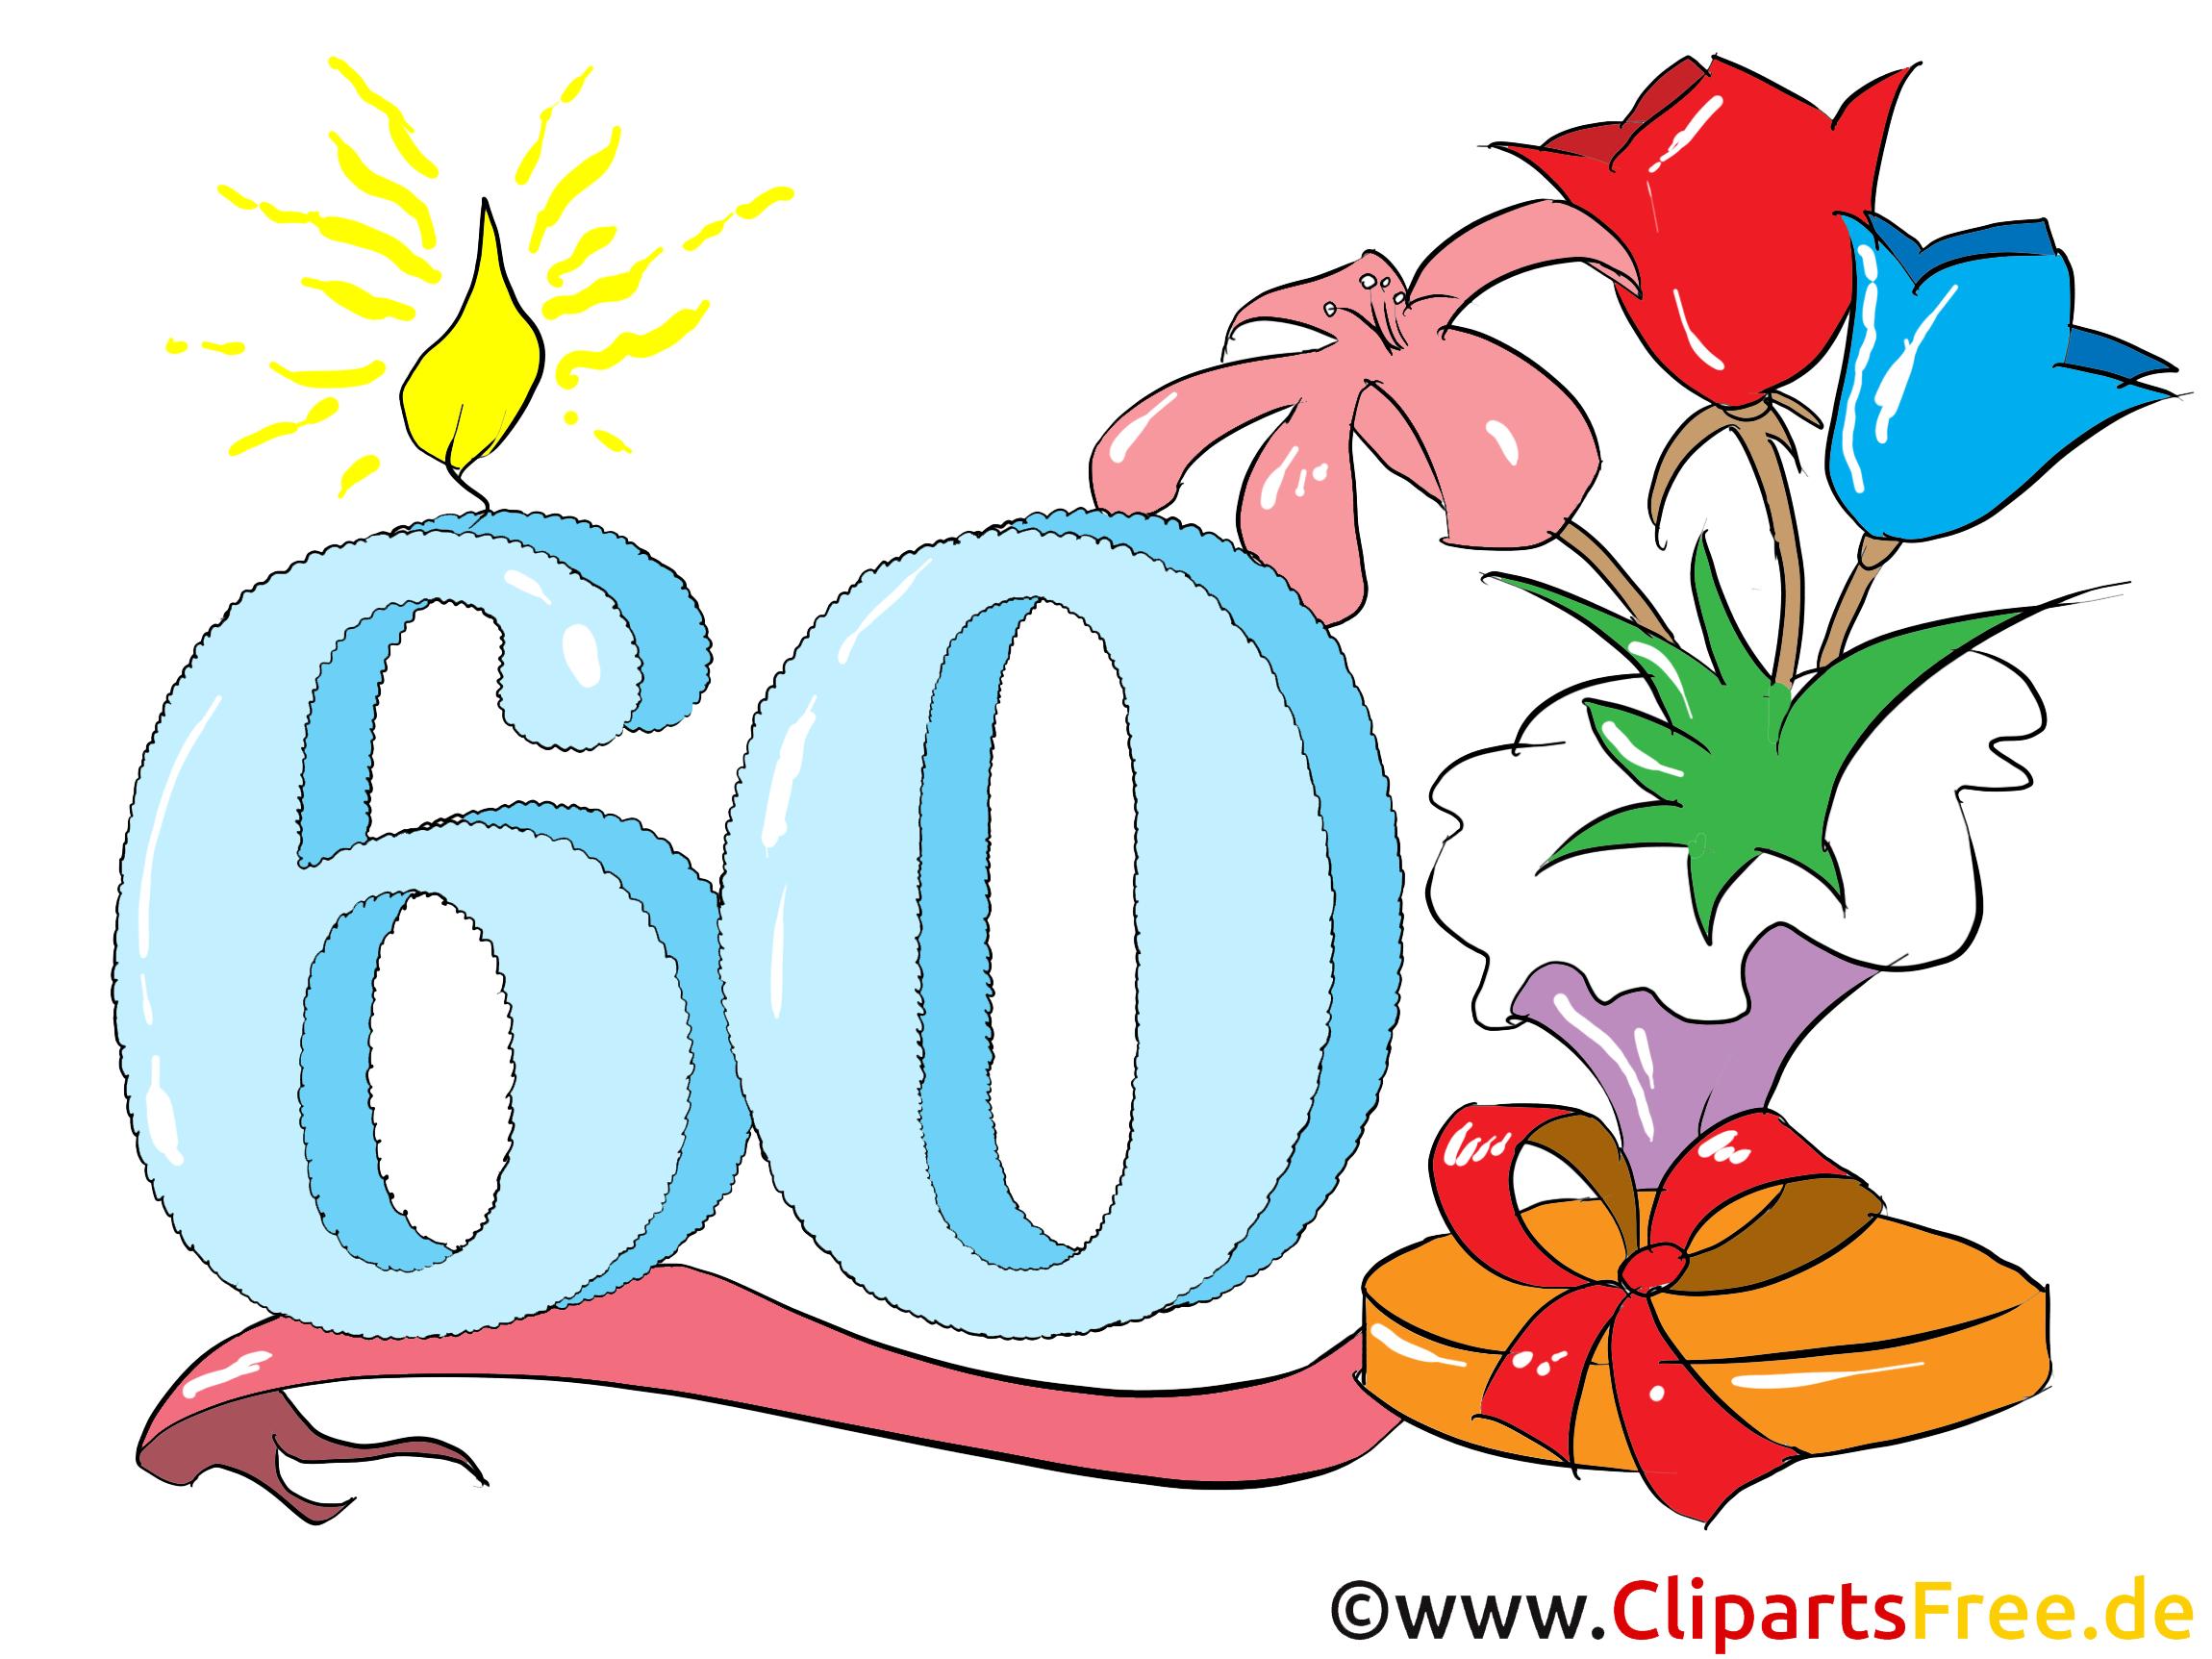 Zum 60. Geburtstag Clipart, Glückwunsch, Einladung bei Clipart Geburtstag Kostenlos